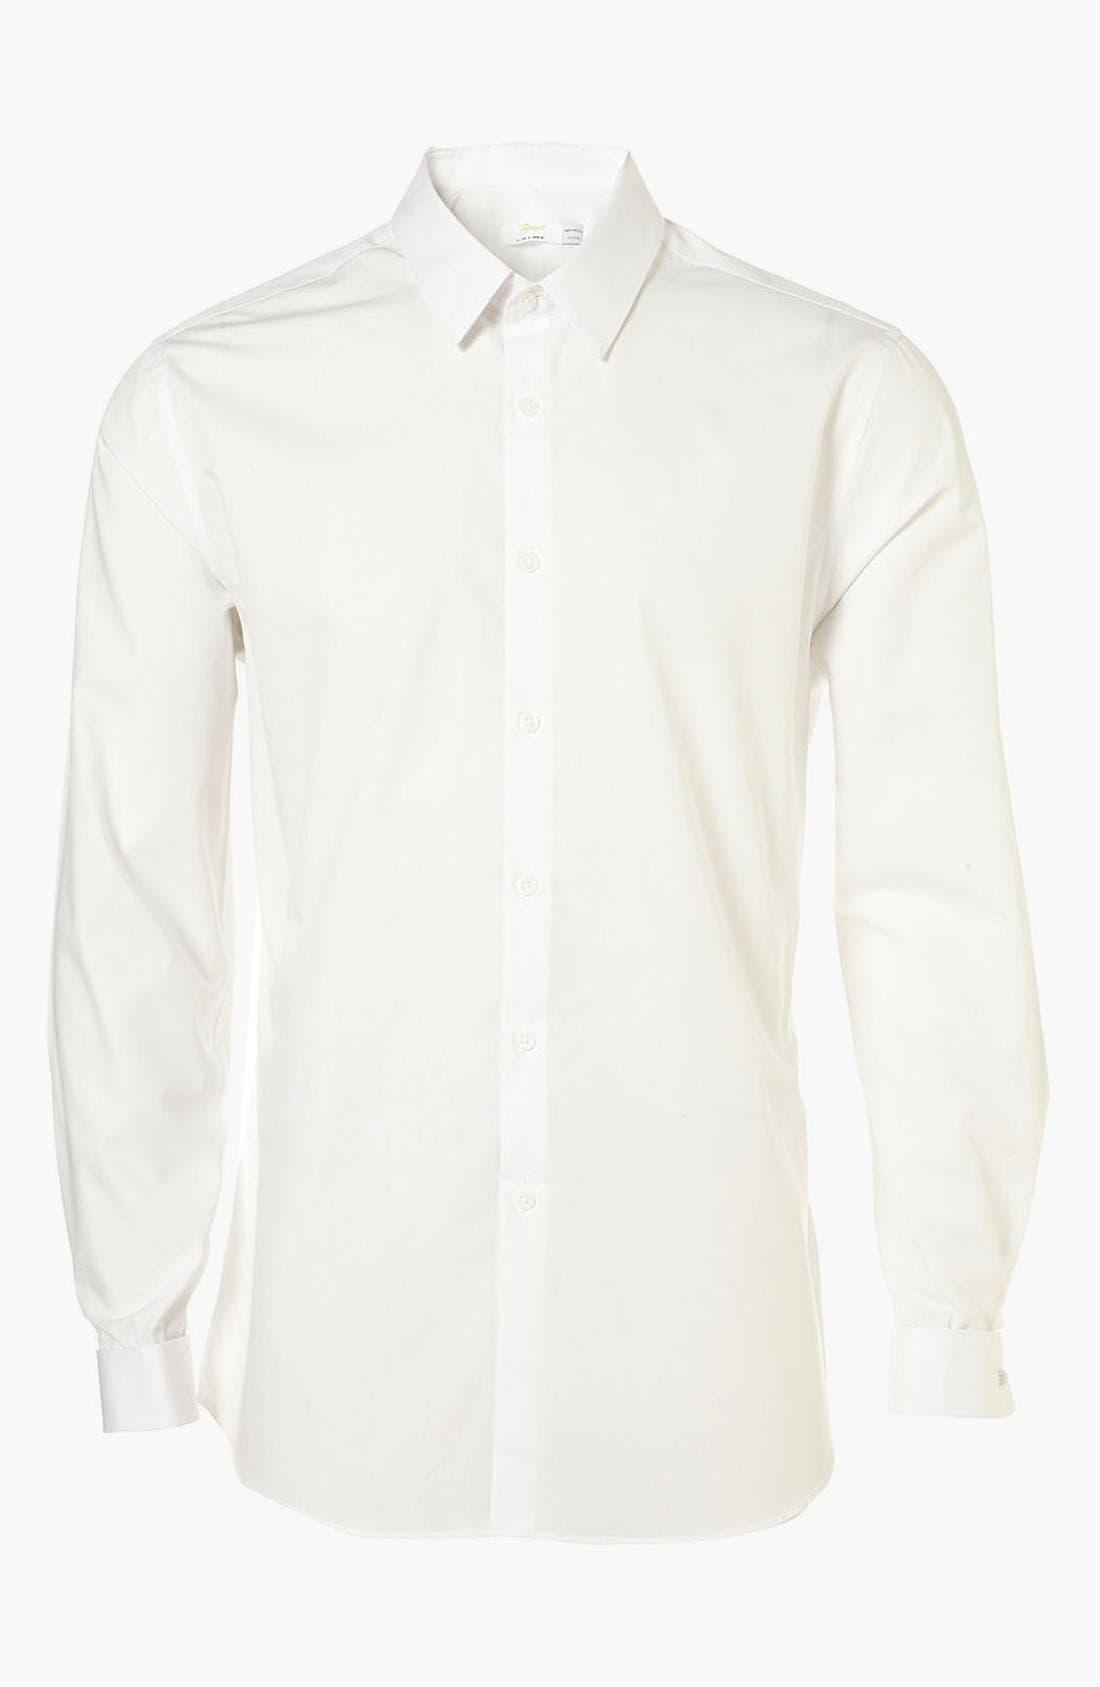 Alternate Image 1 Selected - Topman 'Smart' Slim Fit Dress Shirt